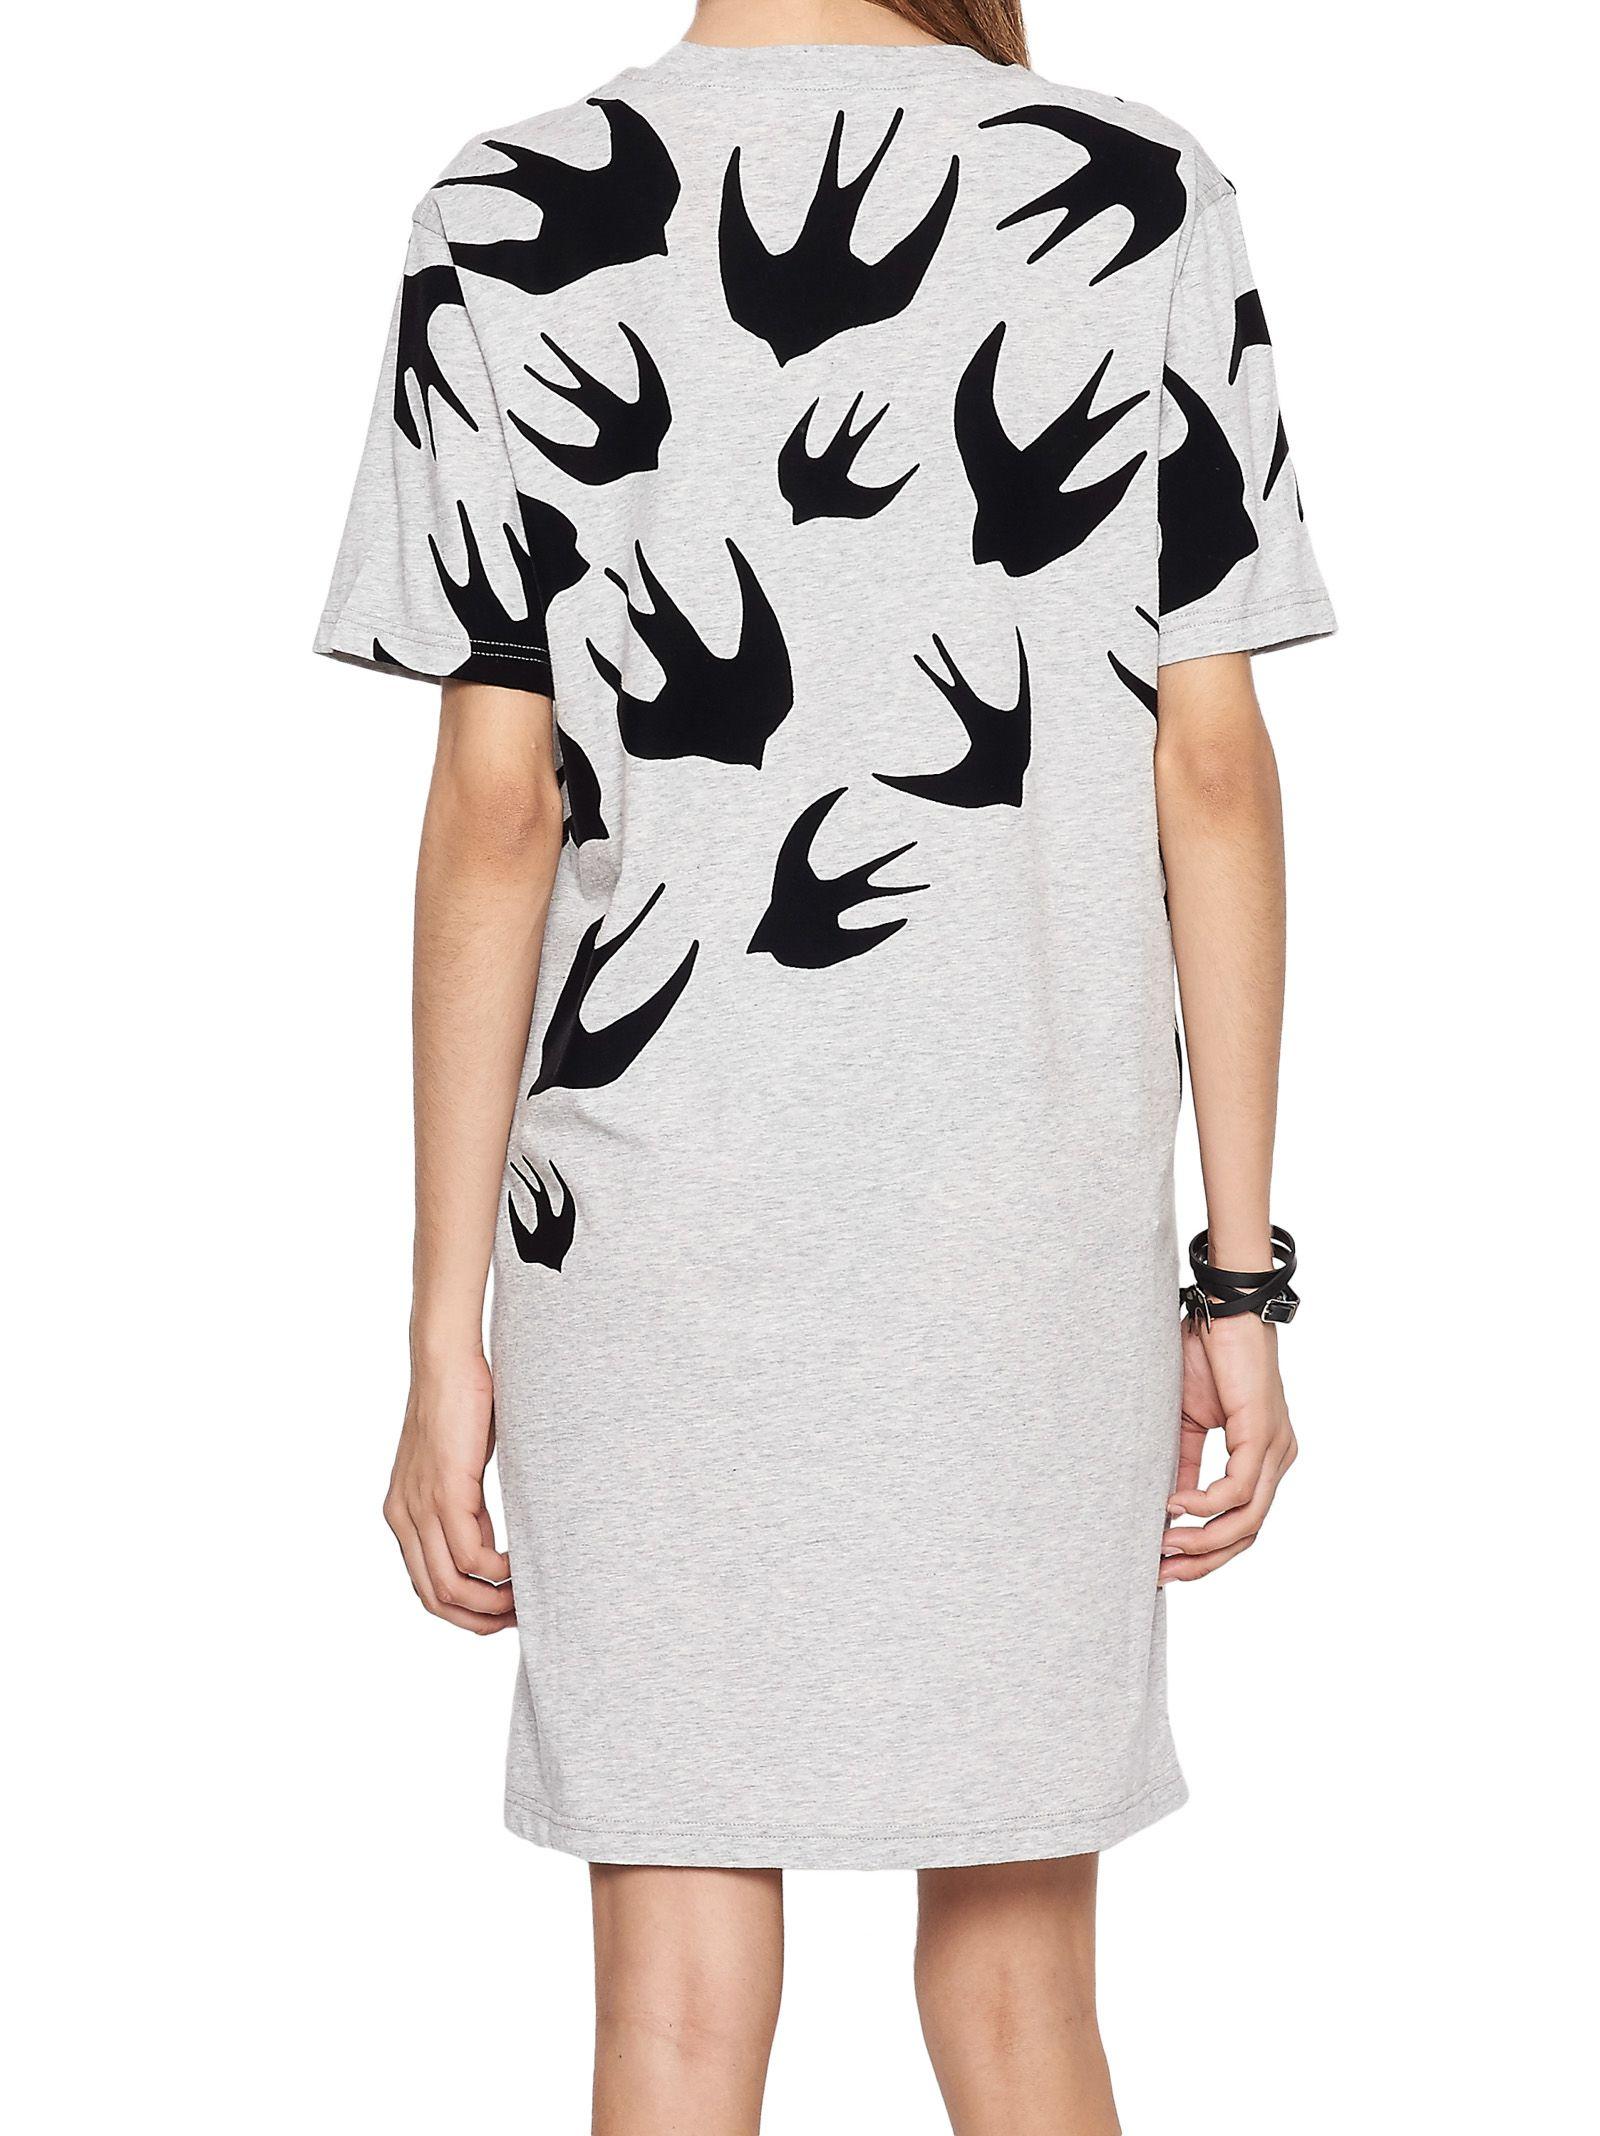 Mcq By Alexander Mcqueen  MCQ ALEXANDER MCQUEEN DRESS